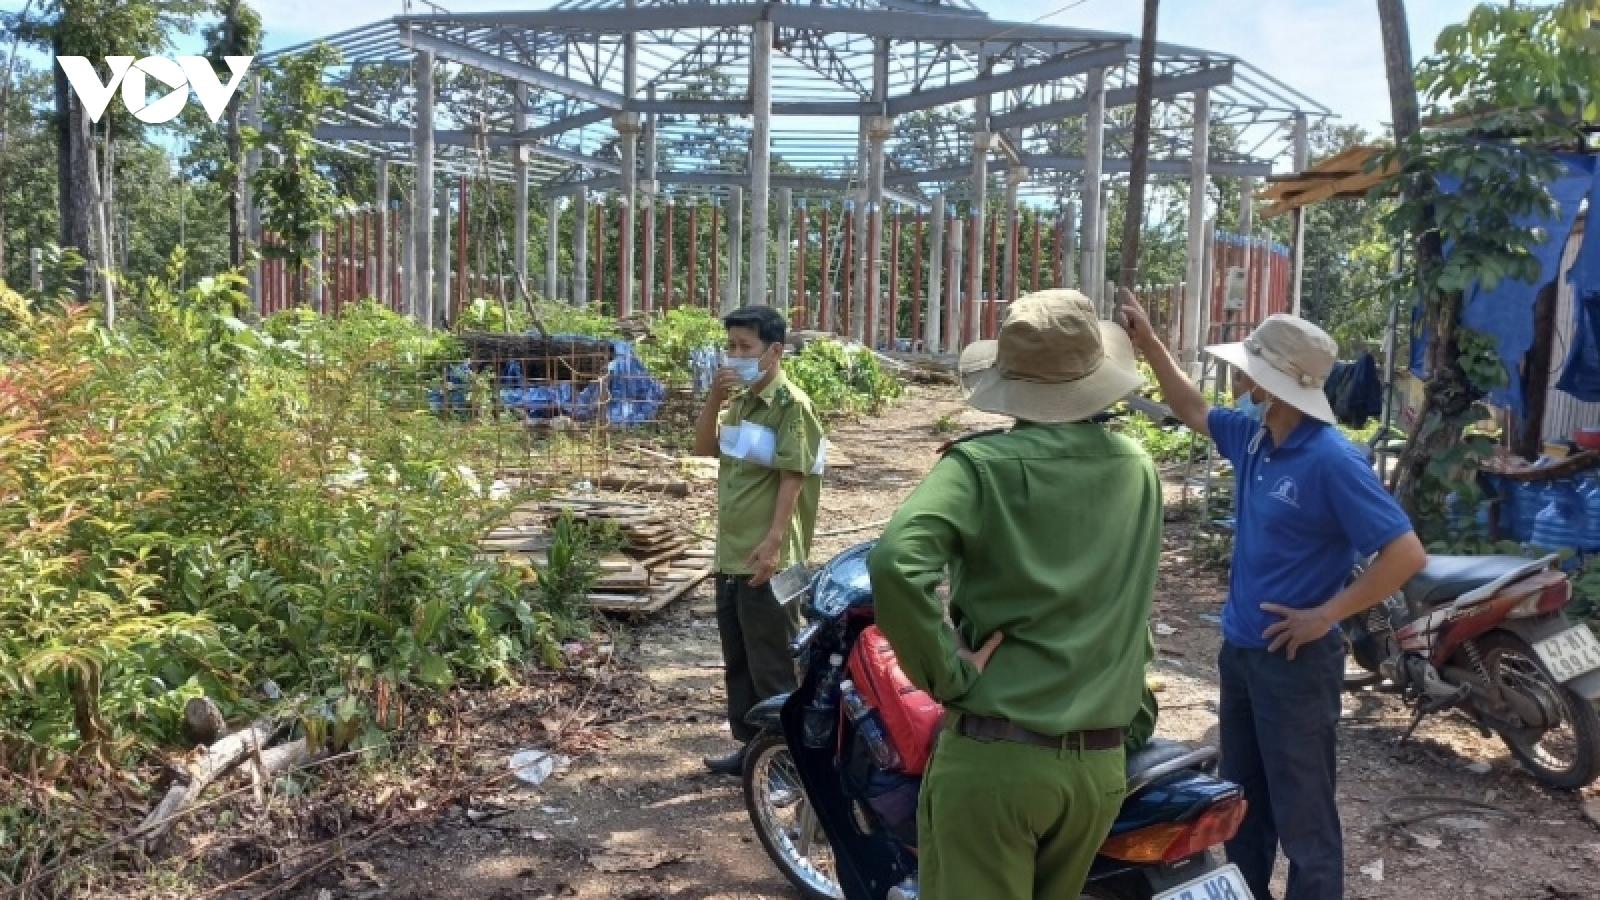 Vụ gỗ trái phép tại Trung tâm bảo tồn voi Đắk Lắk: Khám nghiệm hiện trường